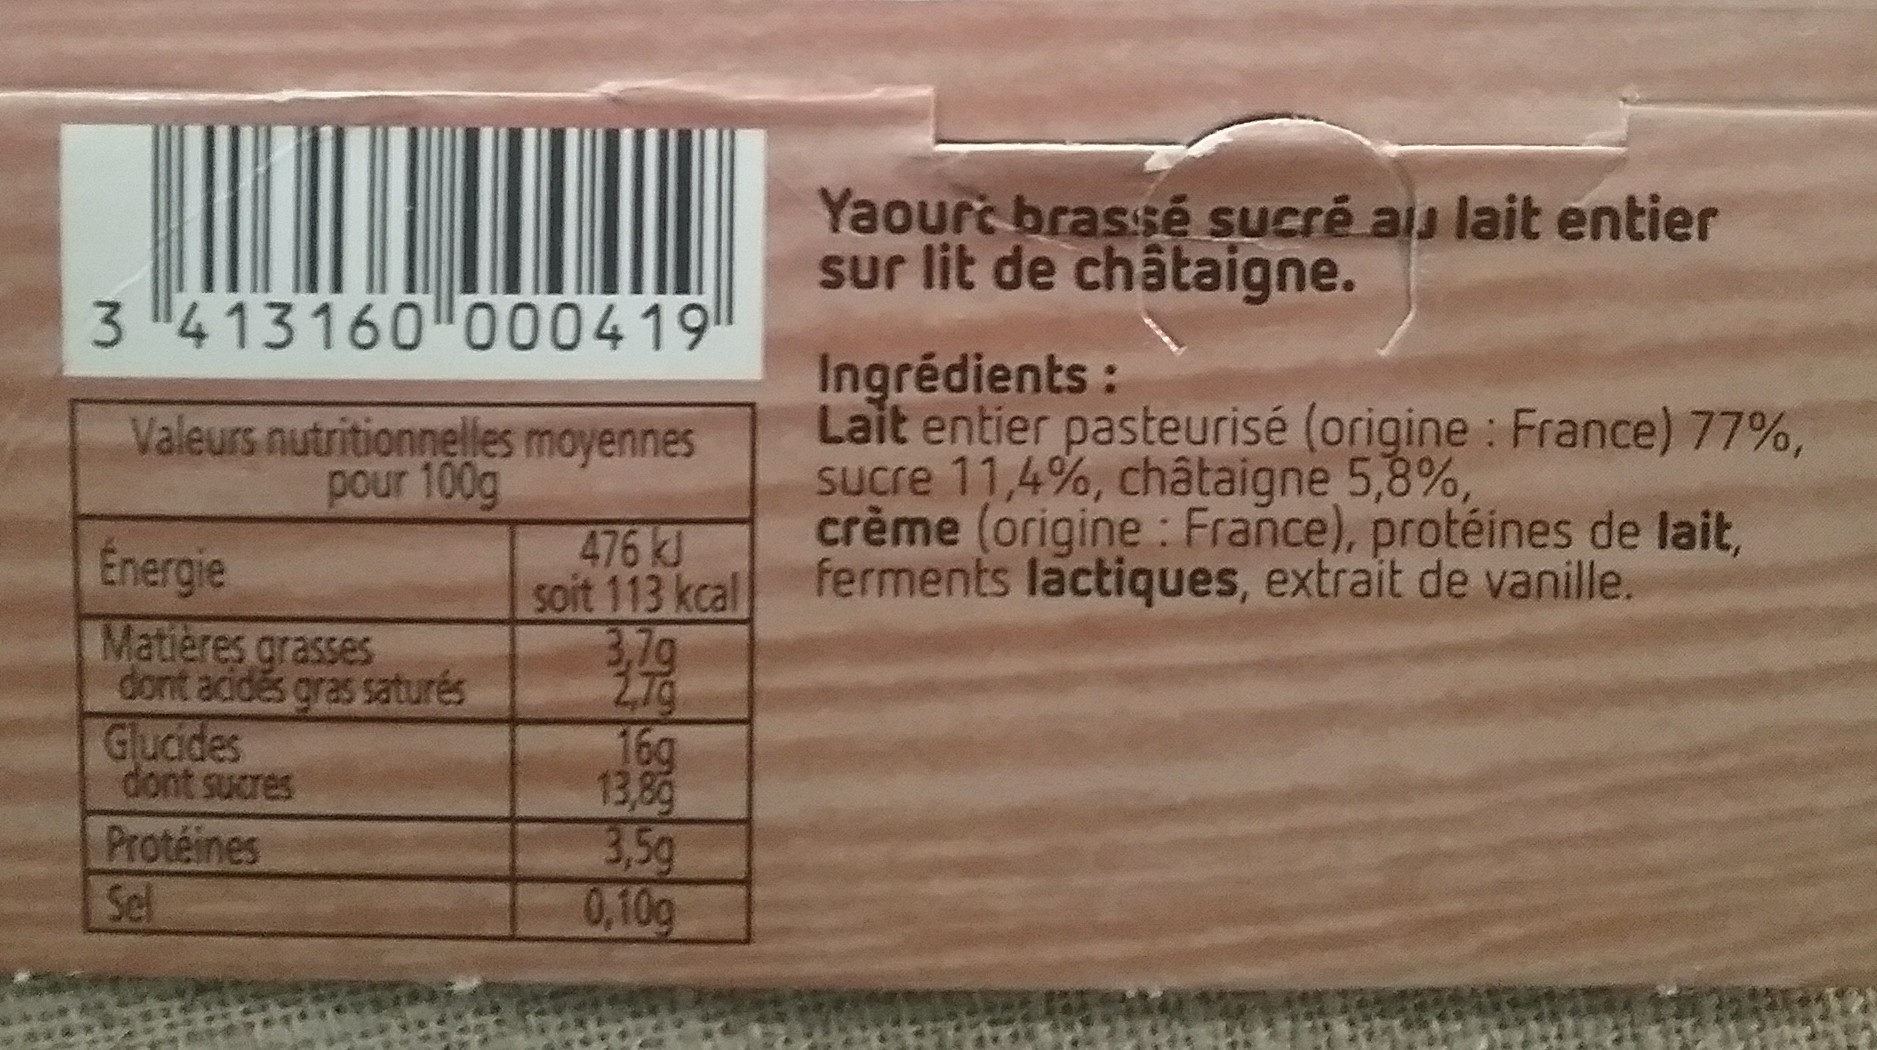 Yaourt brassé sucré au lait entier sur lit de fruits Châtaigne - Ingredients